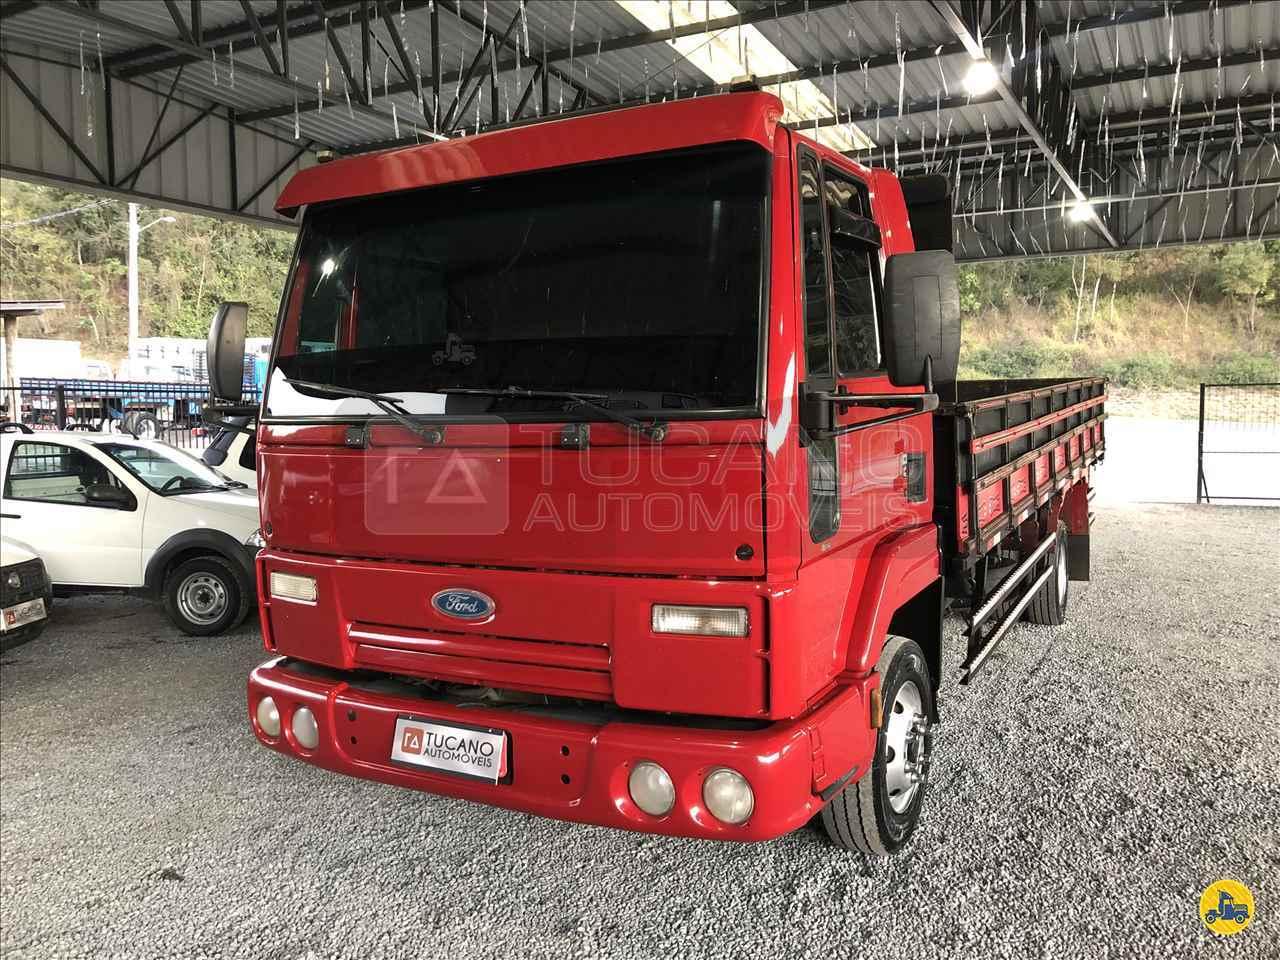 CAMINHAO FORD CARGO 816 Carga Seca 3/4 4x2 Tucano Automóveis ALFREDO WAGNER SANTA CATARINA SC